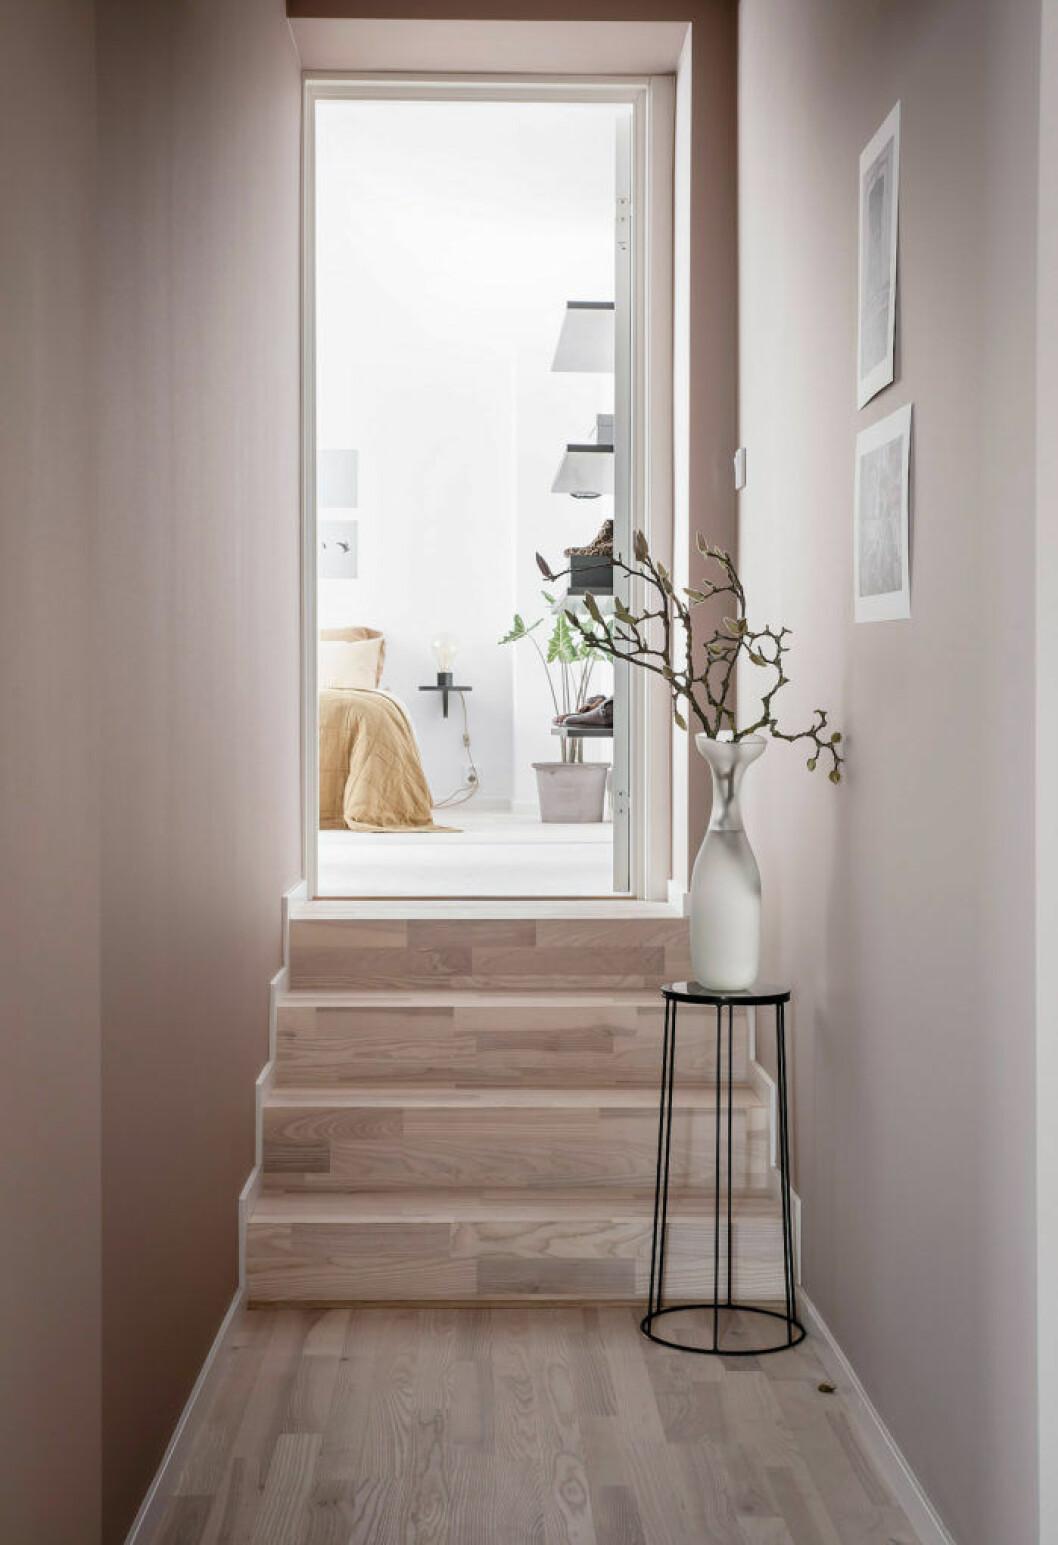 Ljusrosa väggar, trägolv och trappa i trä som leder upp till sovrummet